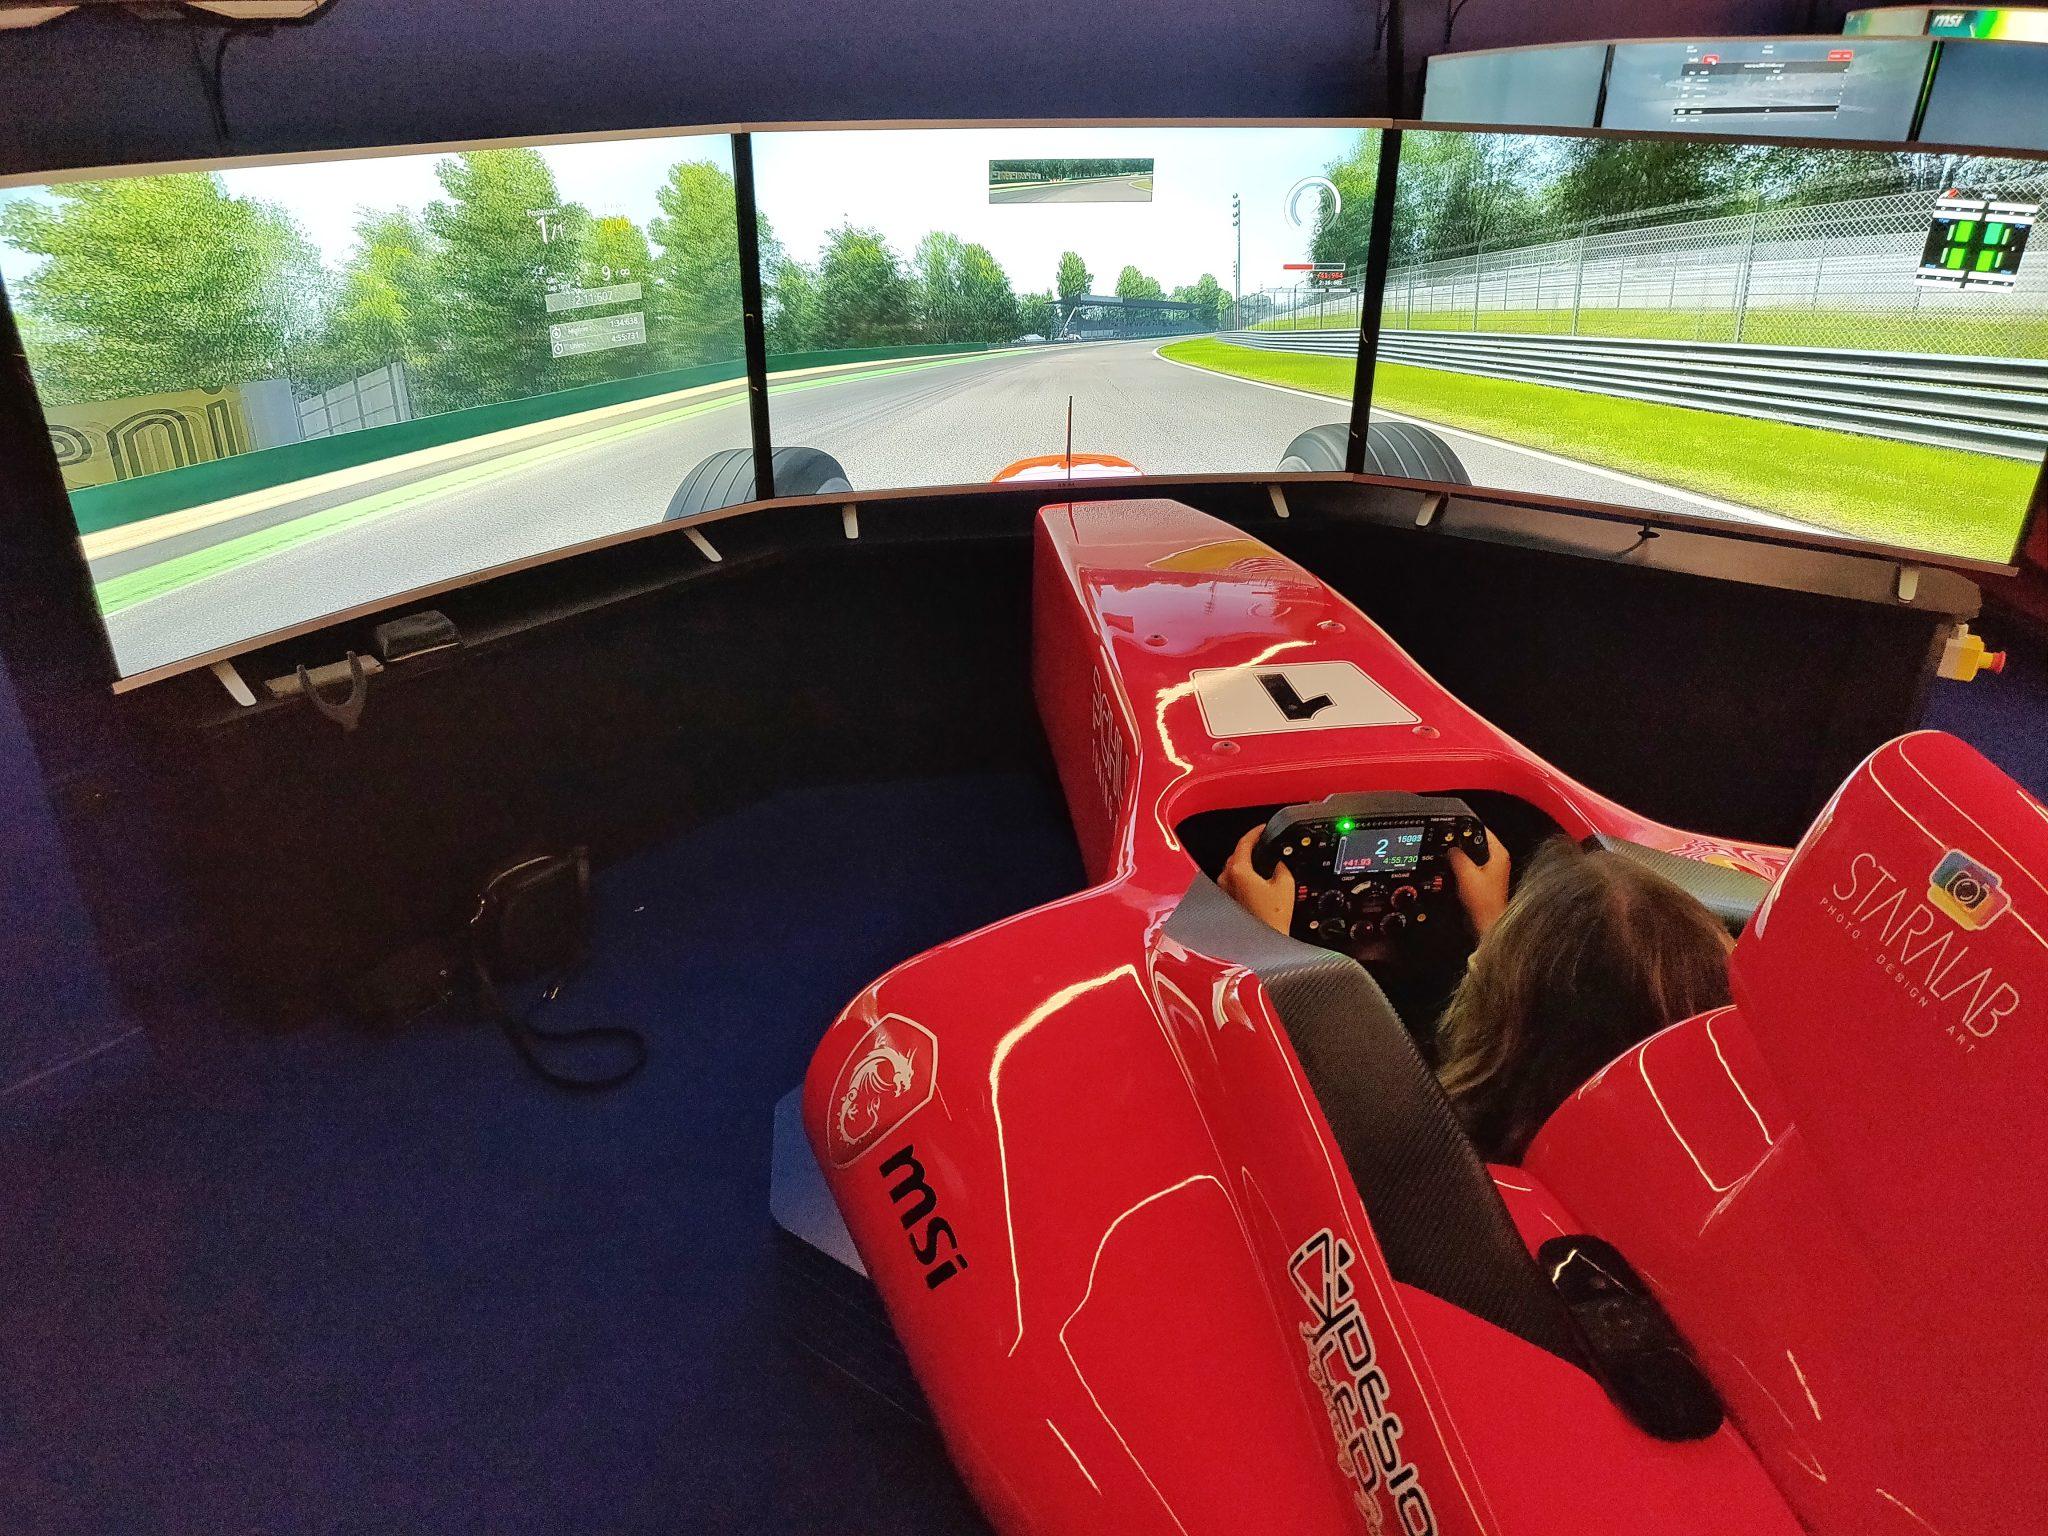 mcsim simulatore virtuale realtà f1 formula uno corsa pilota monza milano laura fasano benessere tecnologico tecnologia